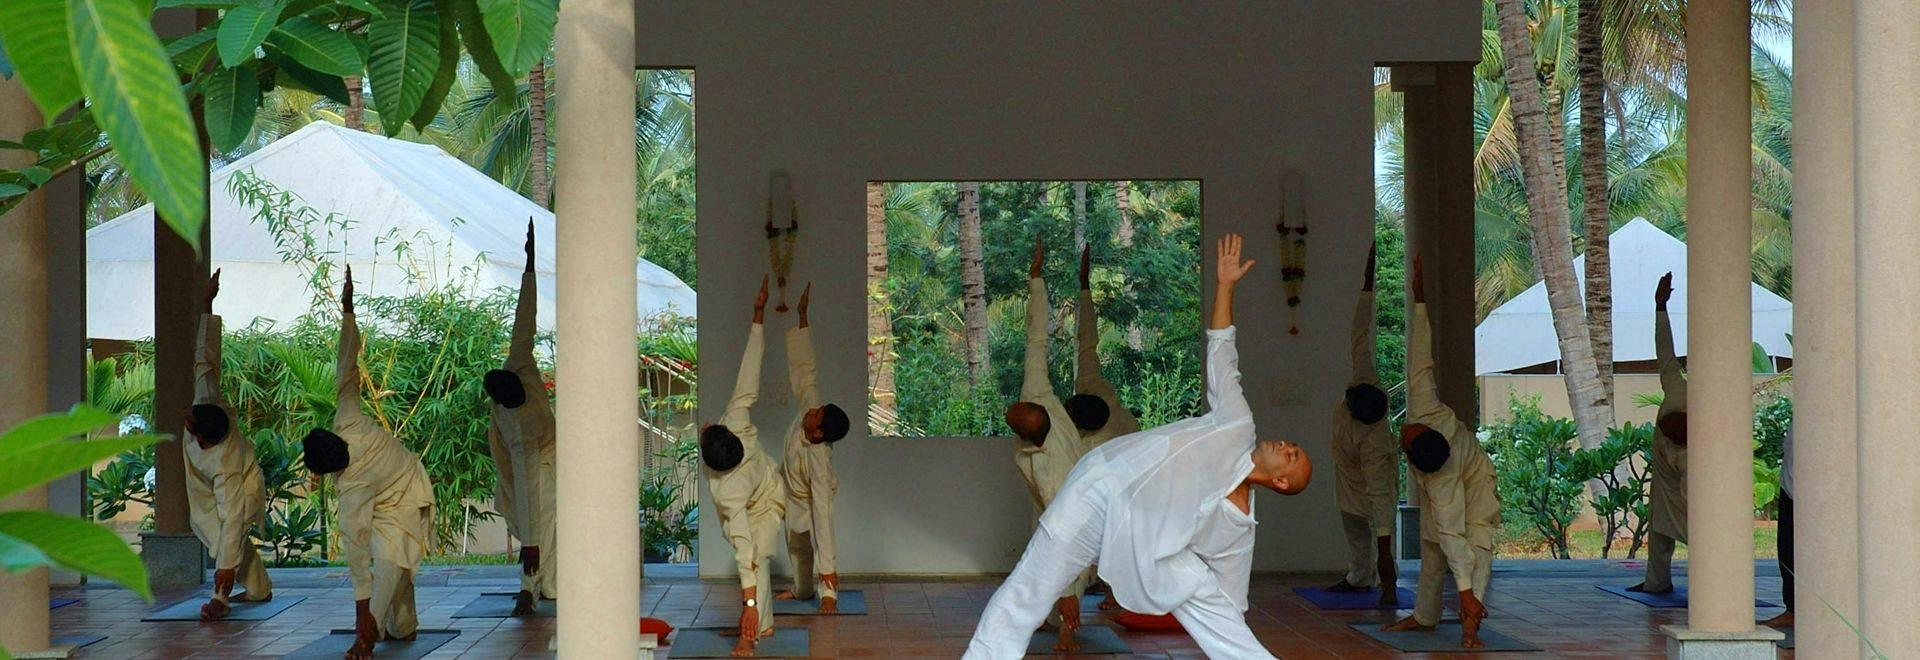 Shreyas-staff-yoga-2.jpg